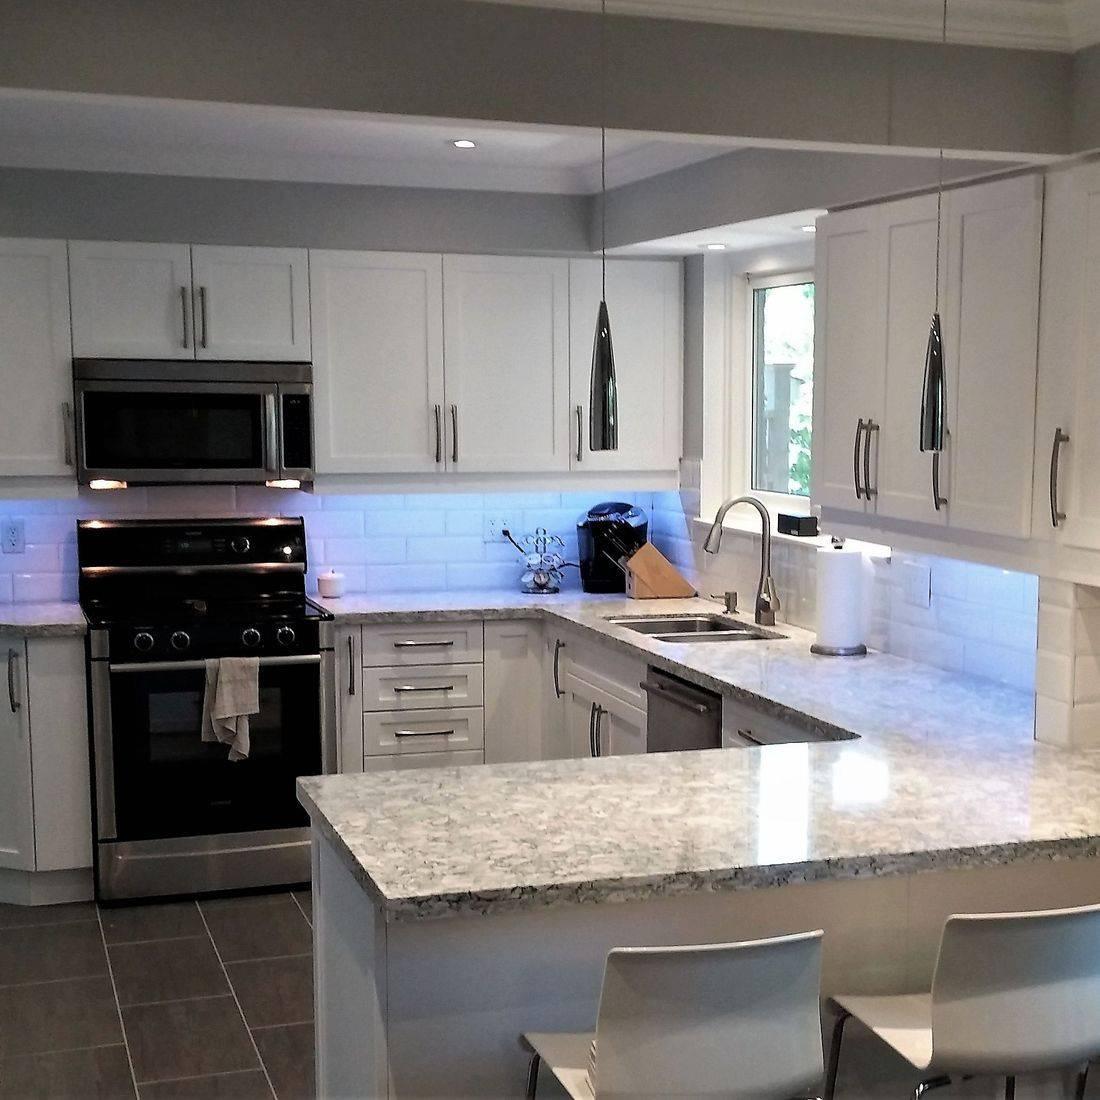 Sibra Kitchens Markham Toronto cambria quartz white shaker cabinets